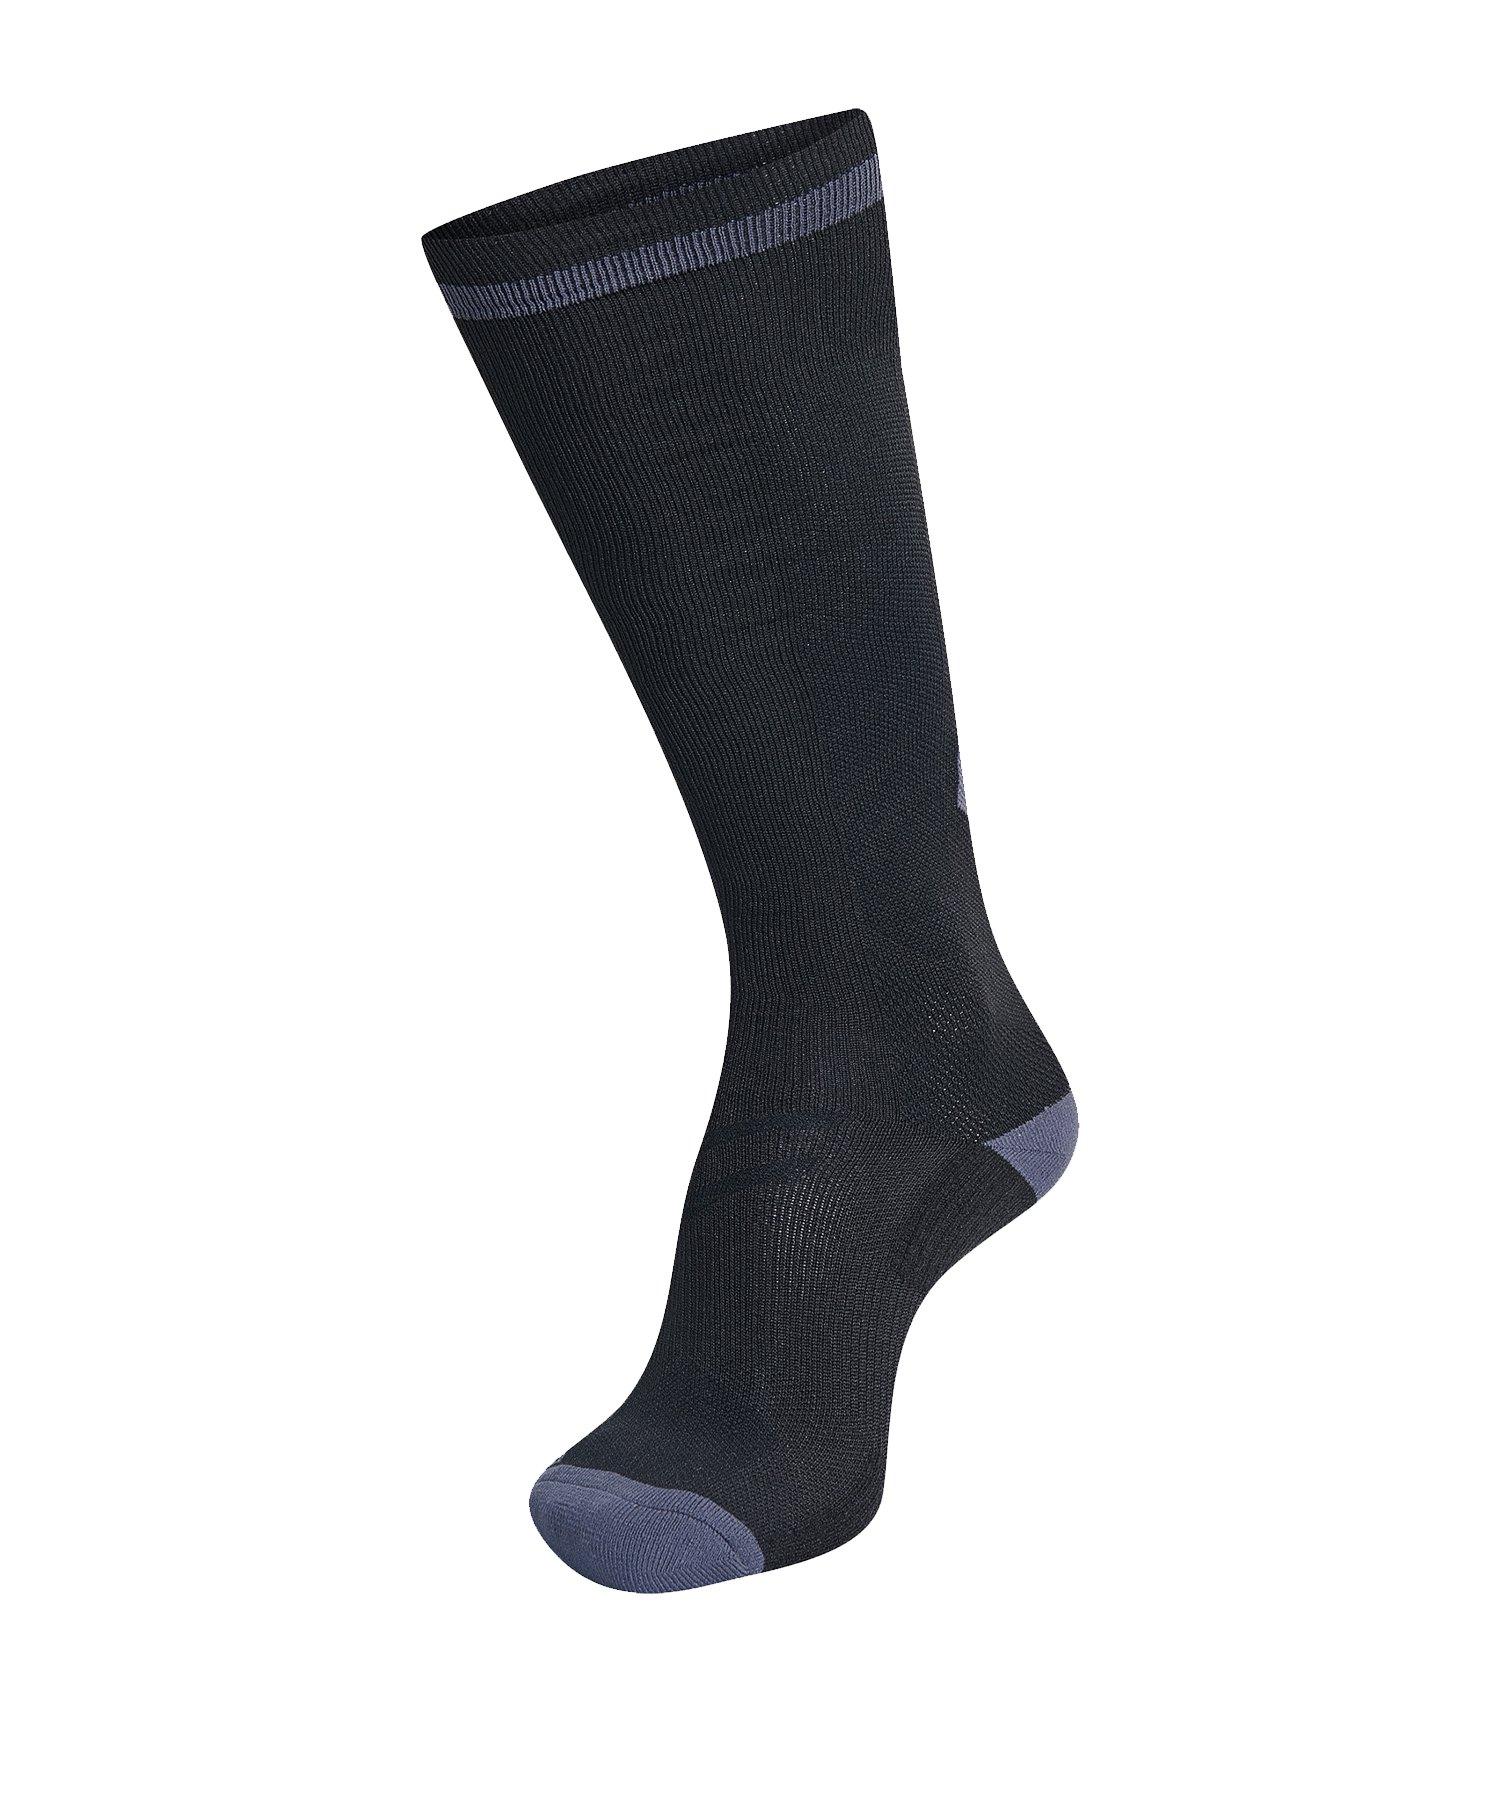 Hummel Elite Indoor Sock High Socken Schwarz F1006 - Schwarz